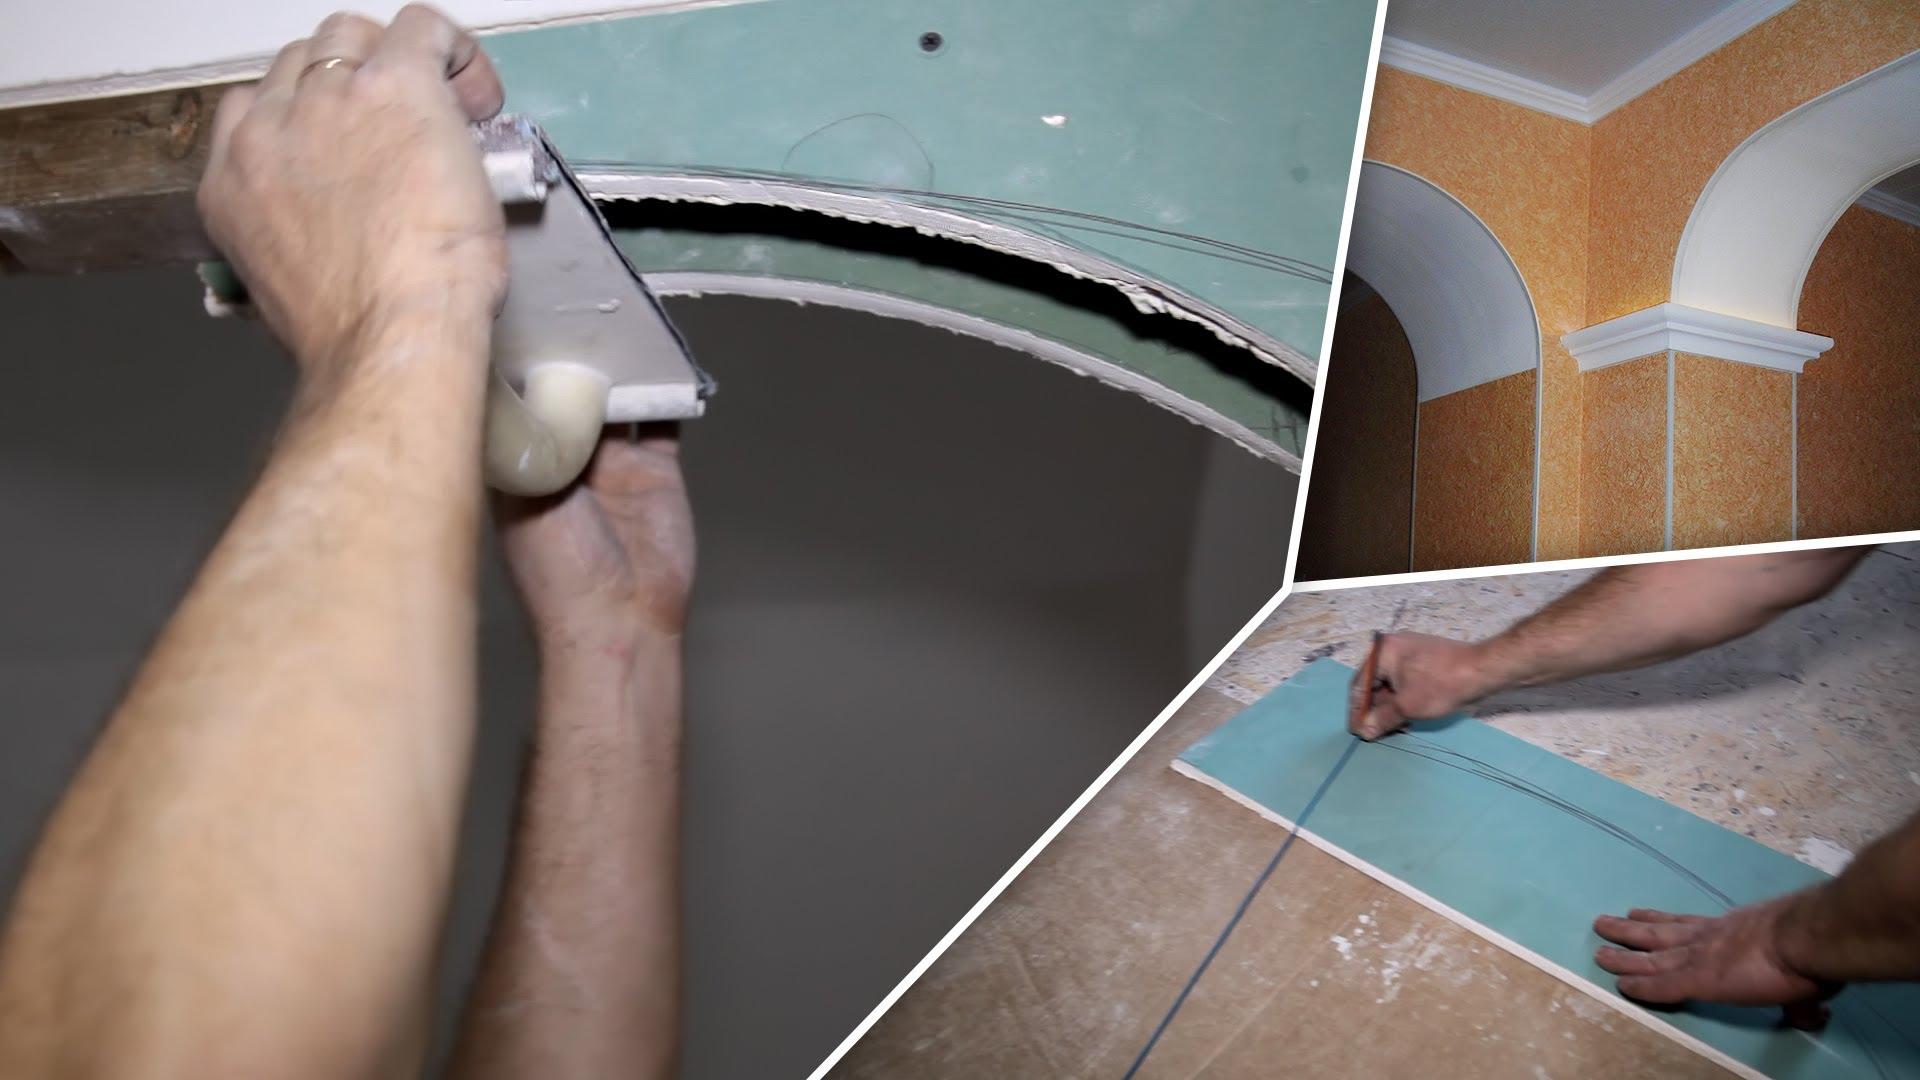 Изготовление, пропорции жидких обоев из бумаги и газет